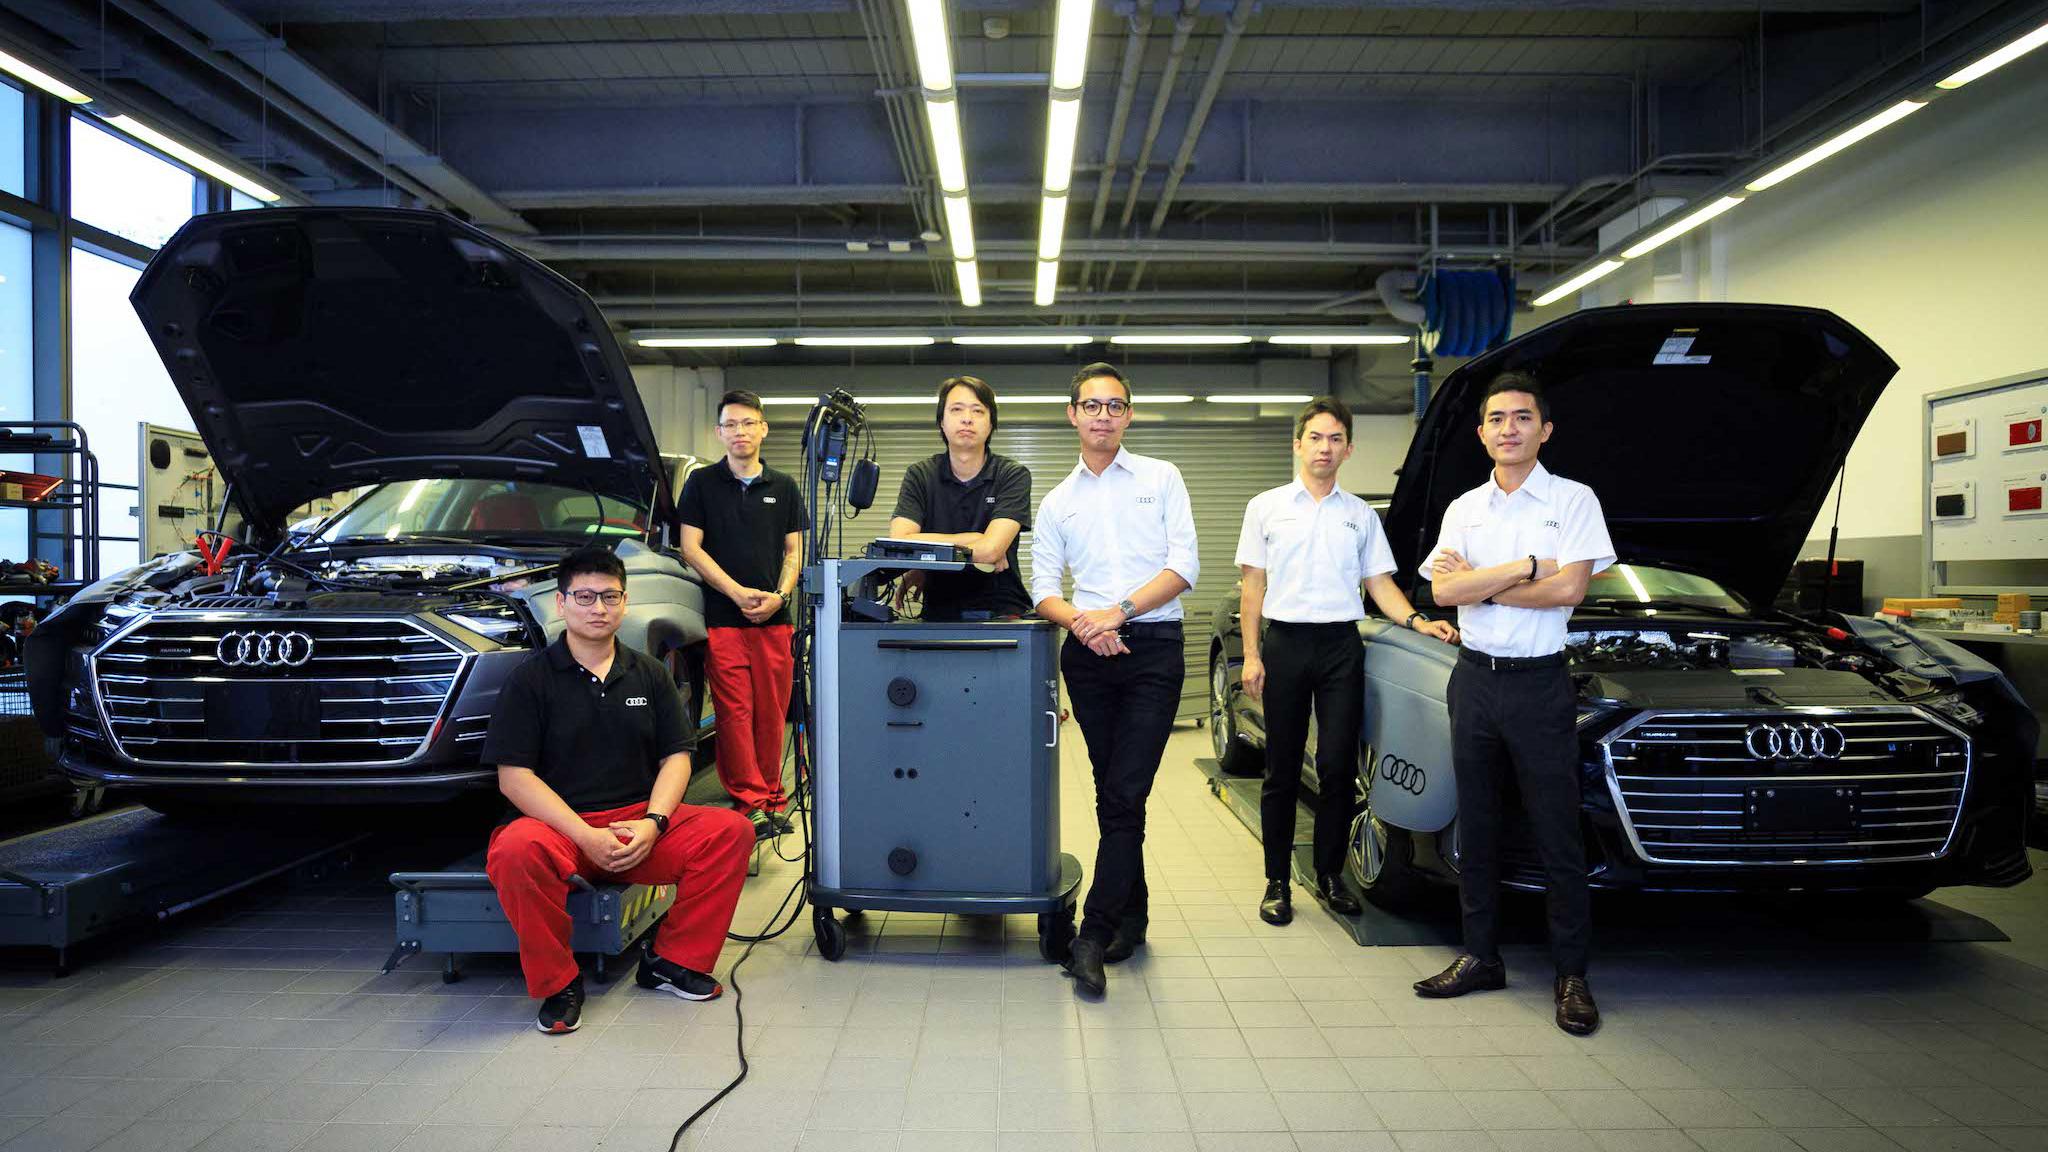 從 Audi Twin Cup 台灣區決賽激烈競爭中脫穎而出的 6 位選手,正展開密集而高強度的訓練。